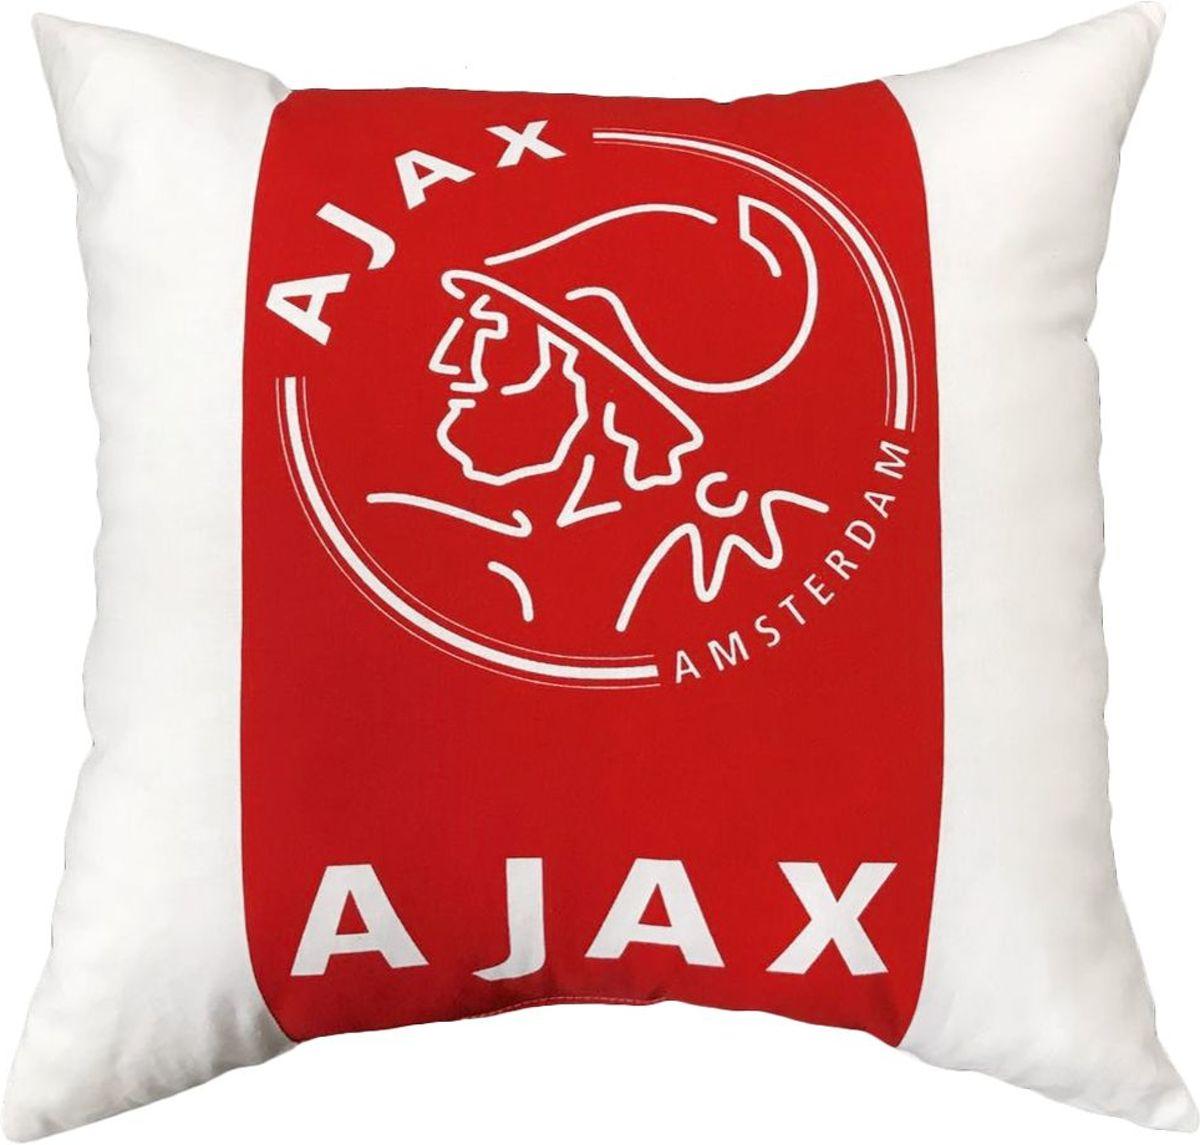 Ajax dekbedovertrek zwart rood zwart 140x200 cm for Ajax kussen